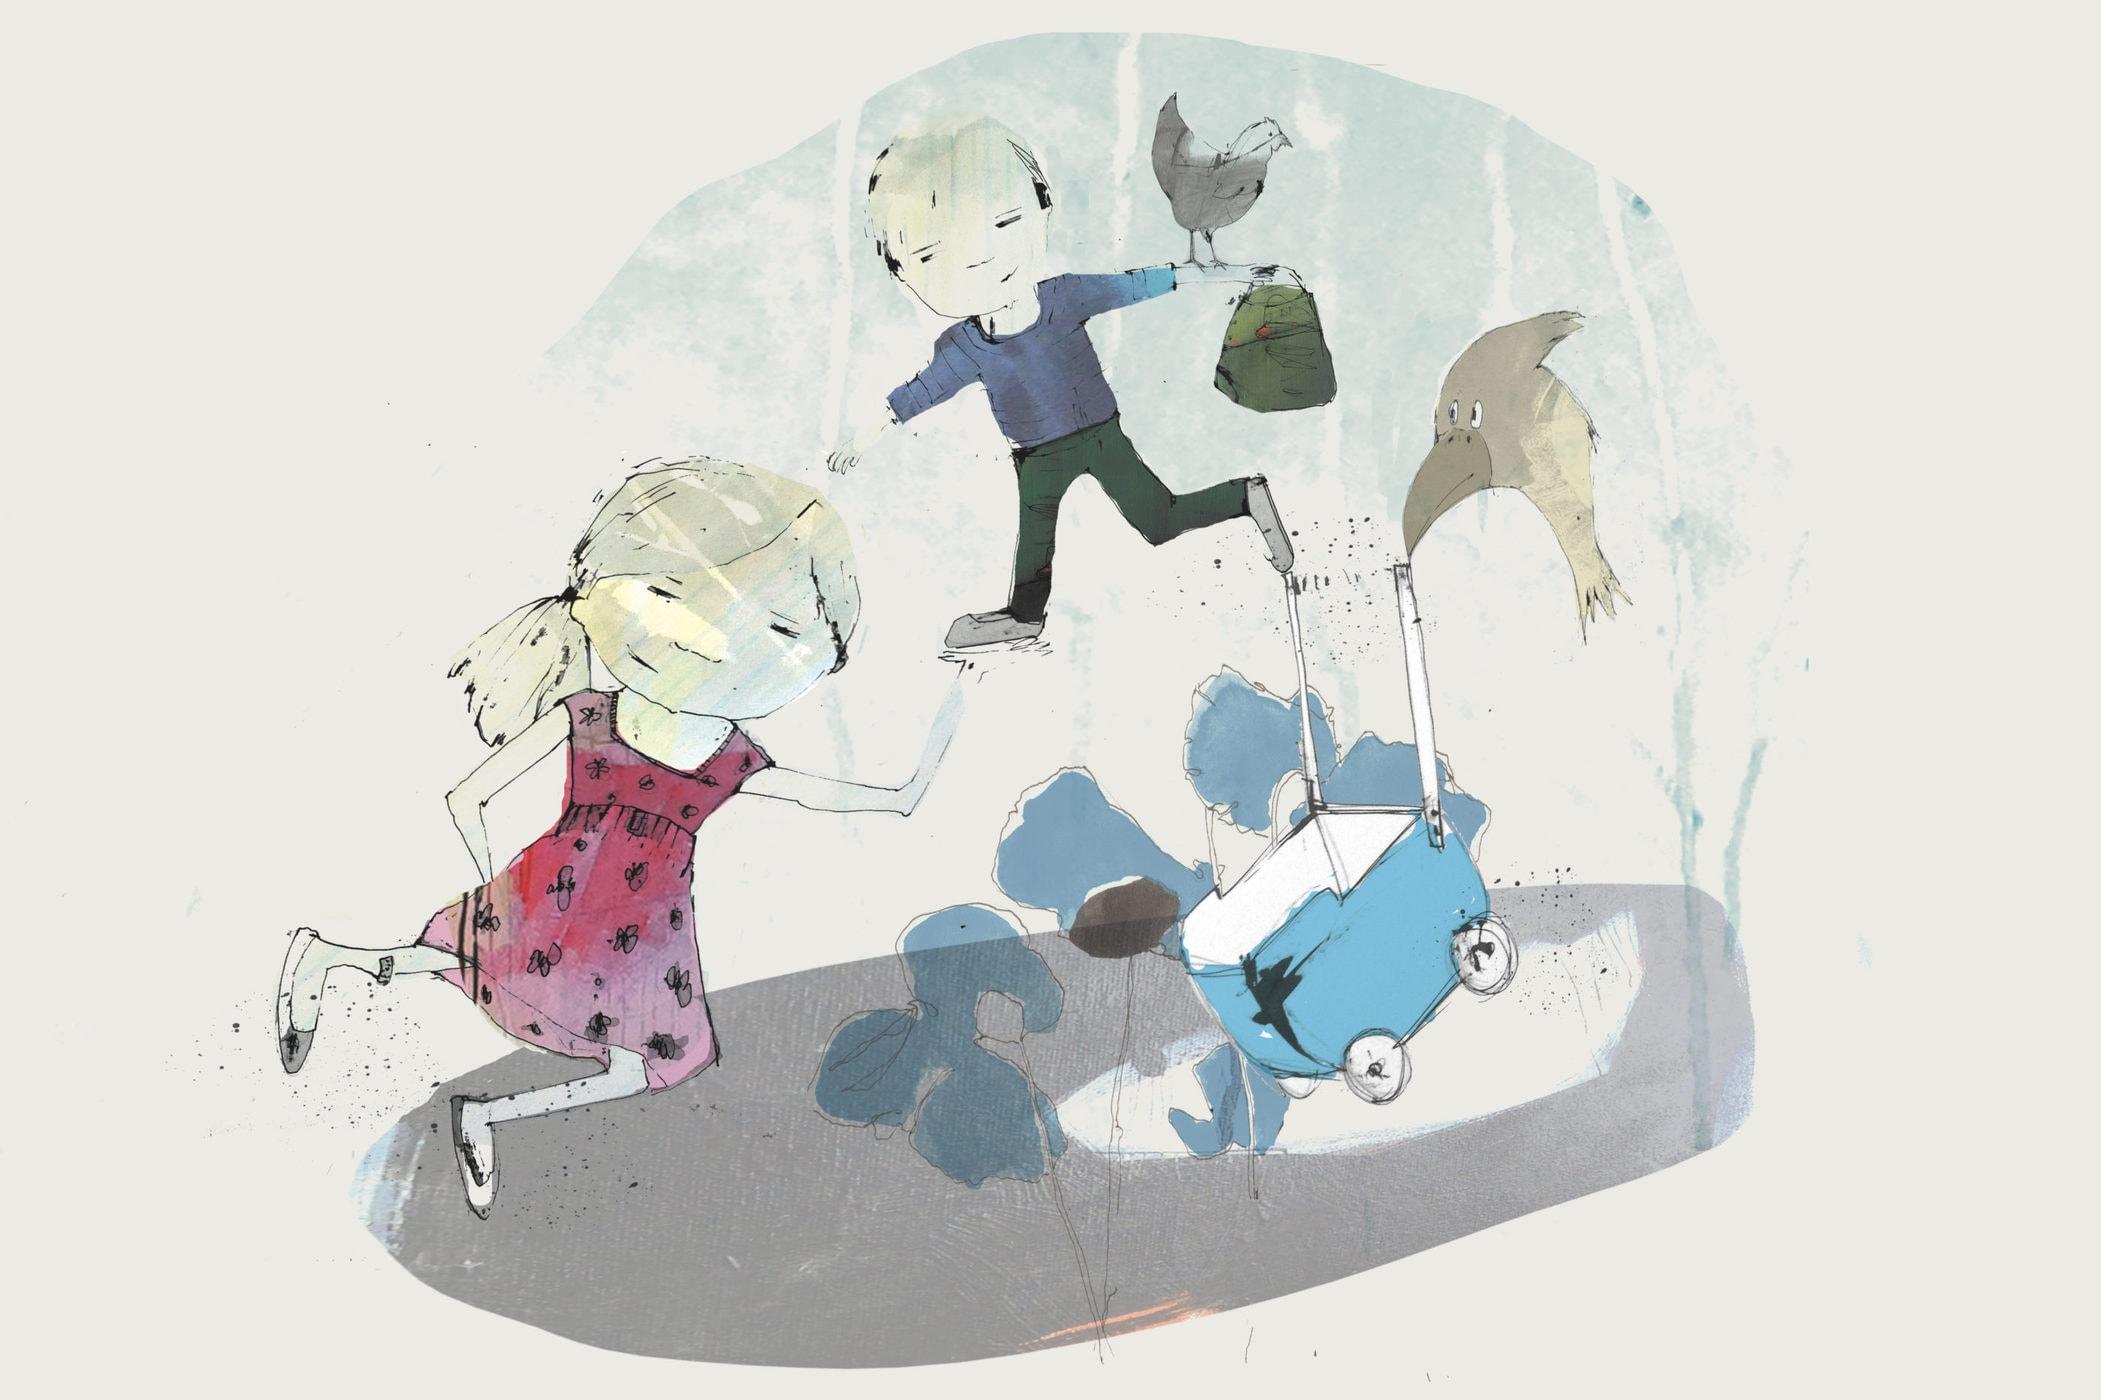 Ellen og jeg. Fortalt af Jens Peter Madsen, med tegning af Tanja Eijgendaal